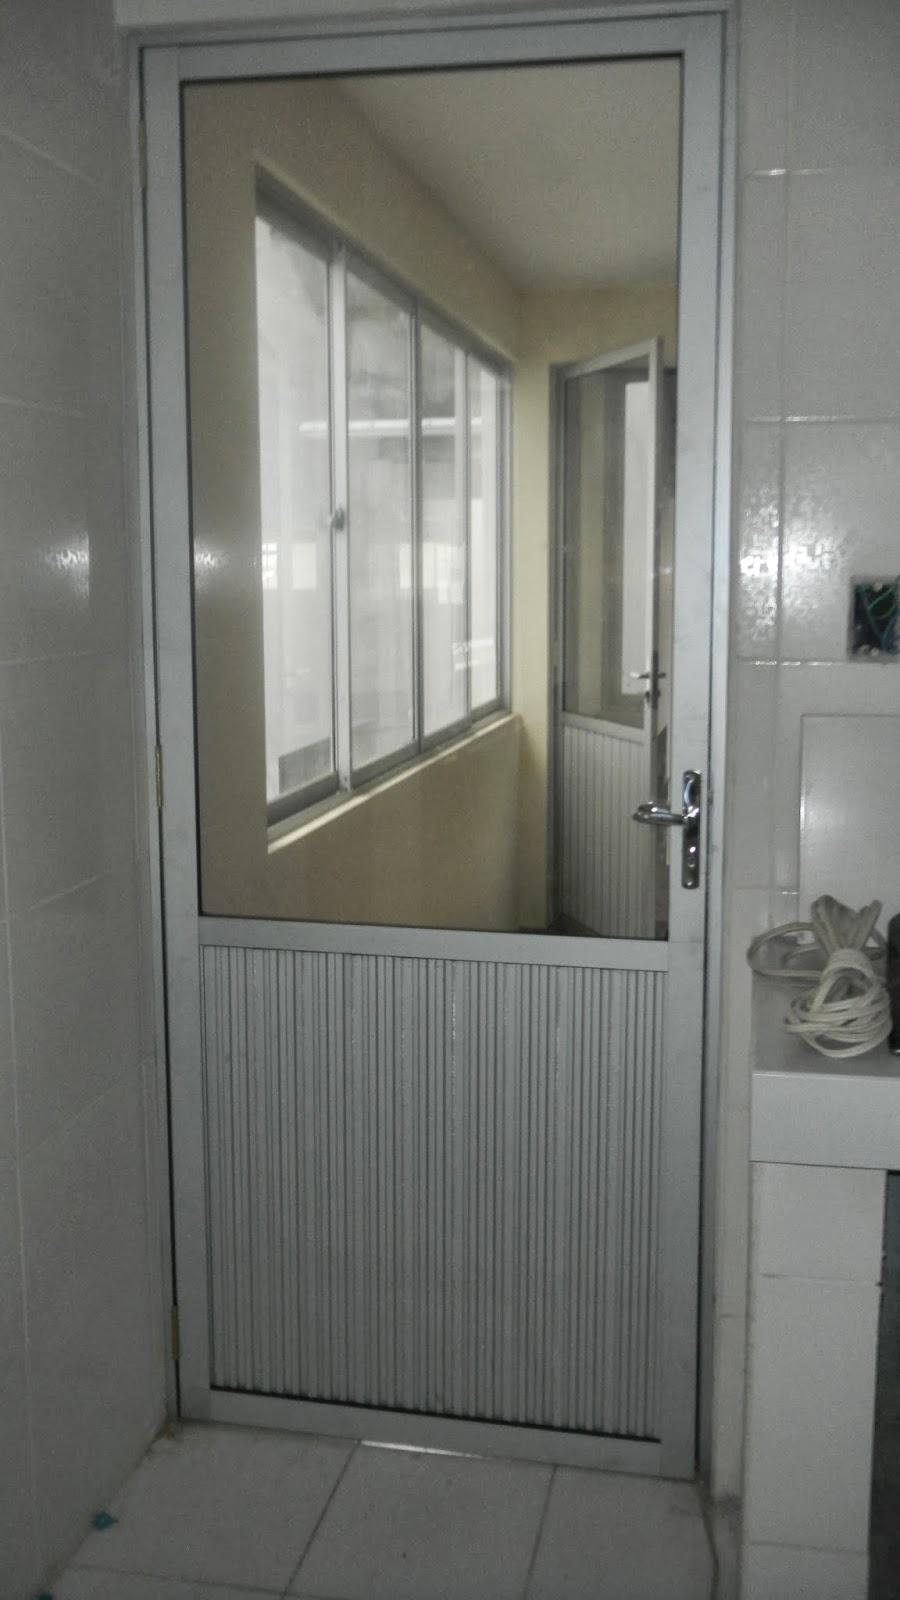 puerta de aluminio vidrio incoloro